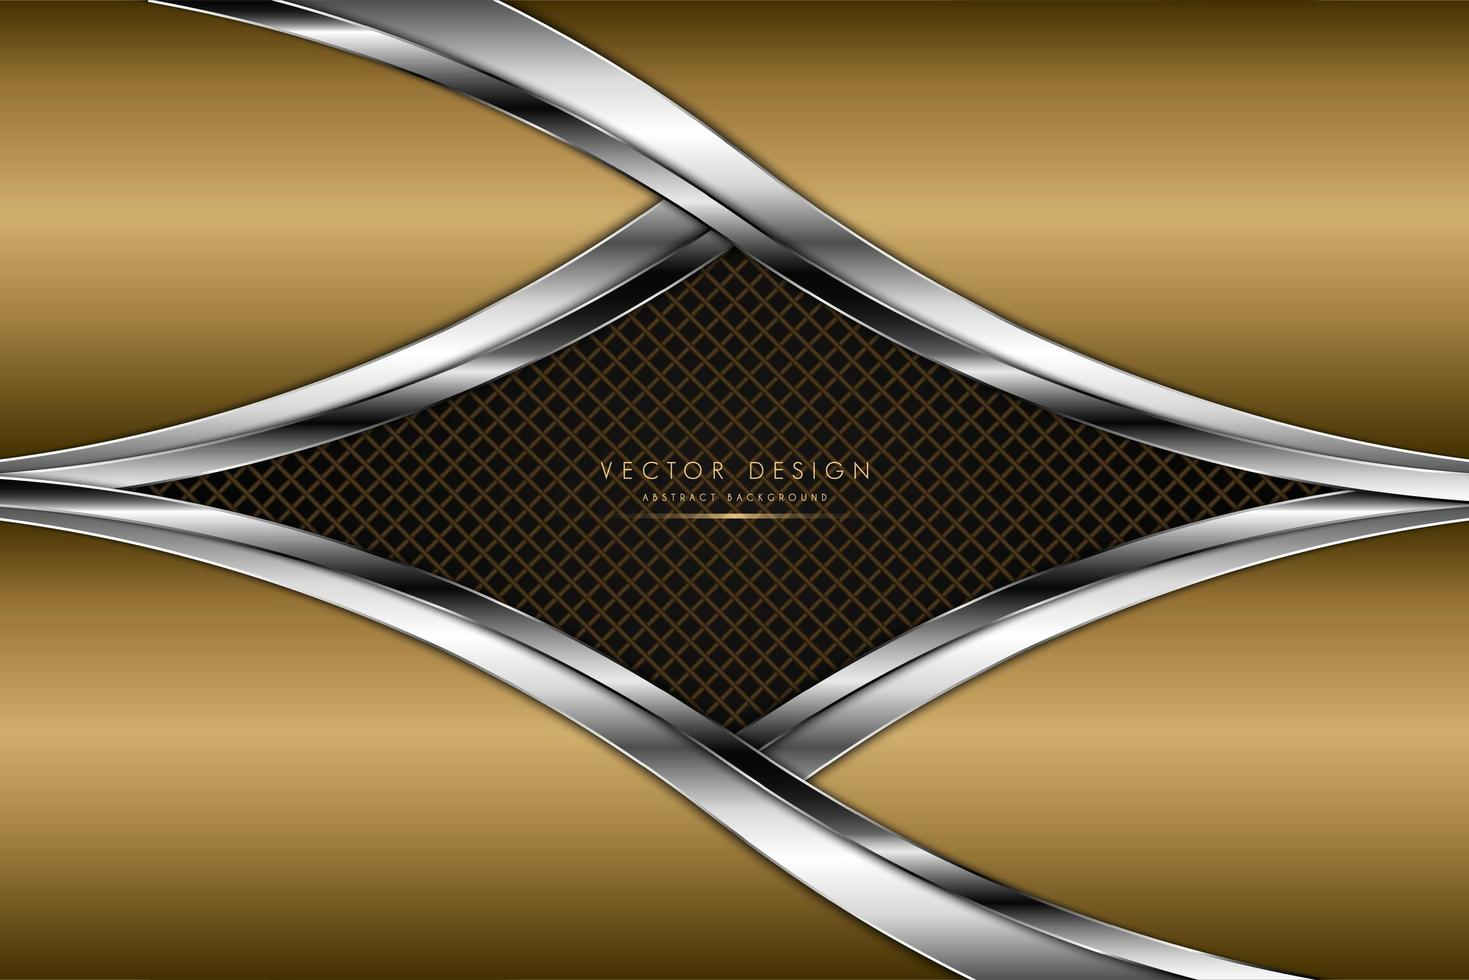 diseño de lujo en forma de diamante con borde dorado y plateado vector